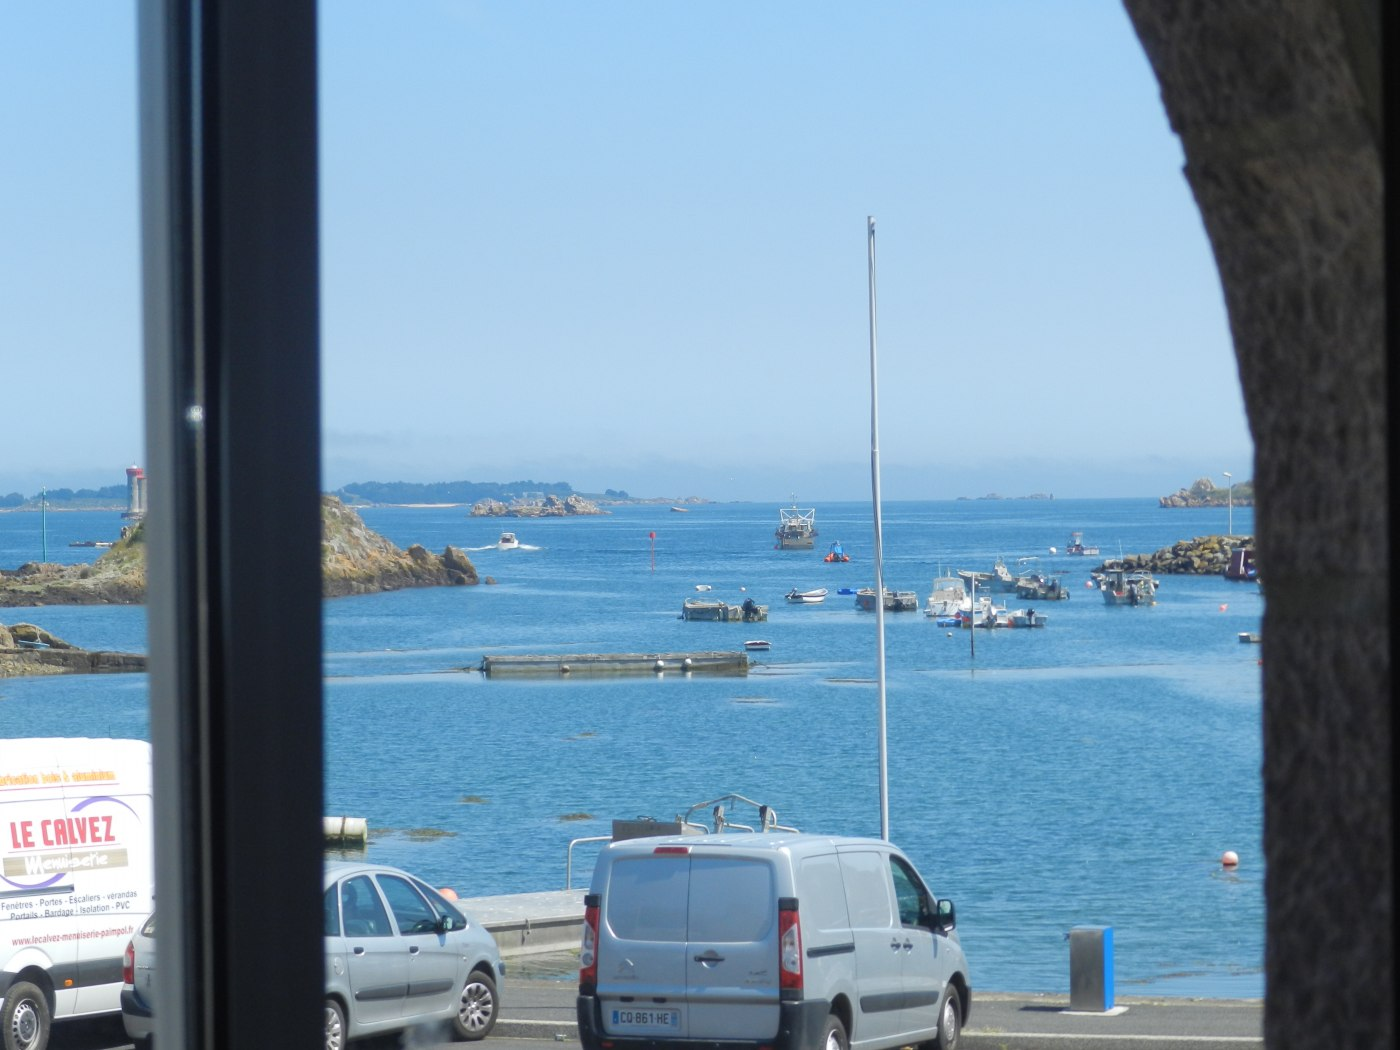 Appartement vacances loguivy de la mer location 4 personnes emmanuelle corfdir - Port de peche cote d armor ...